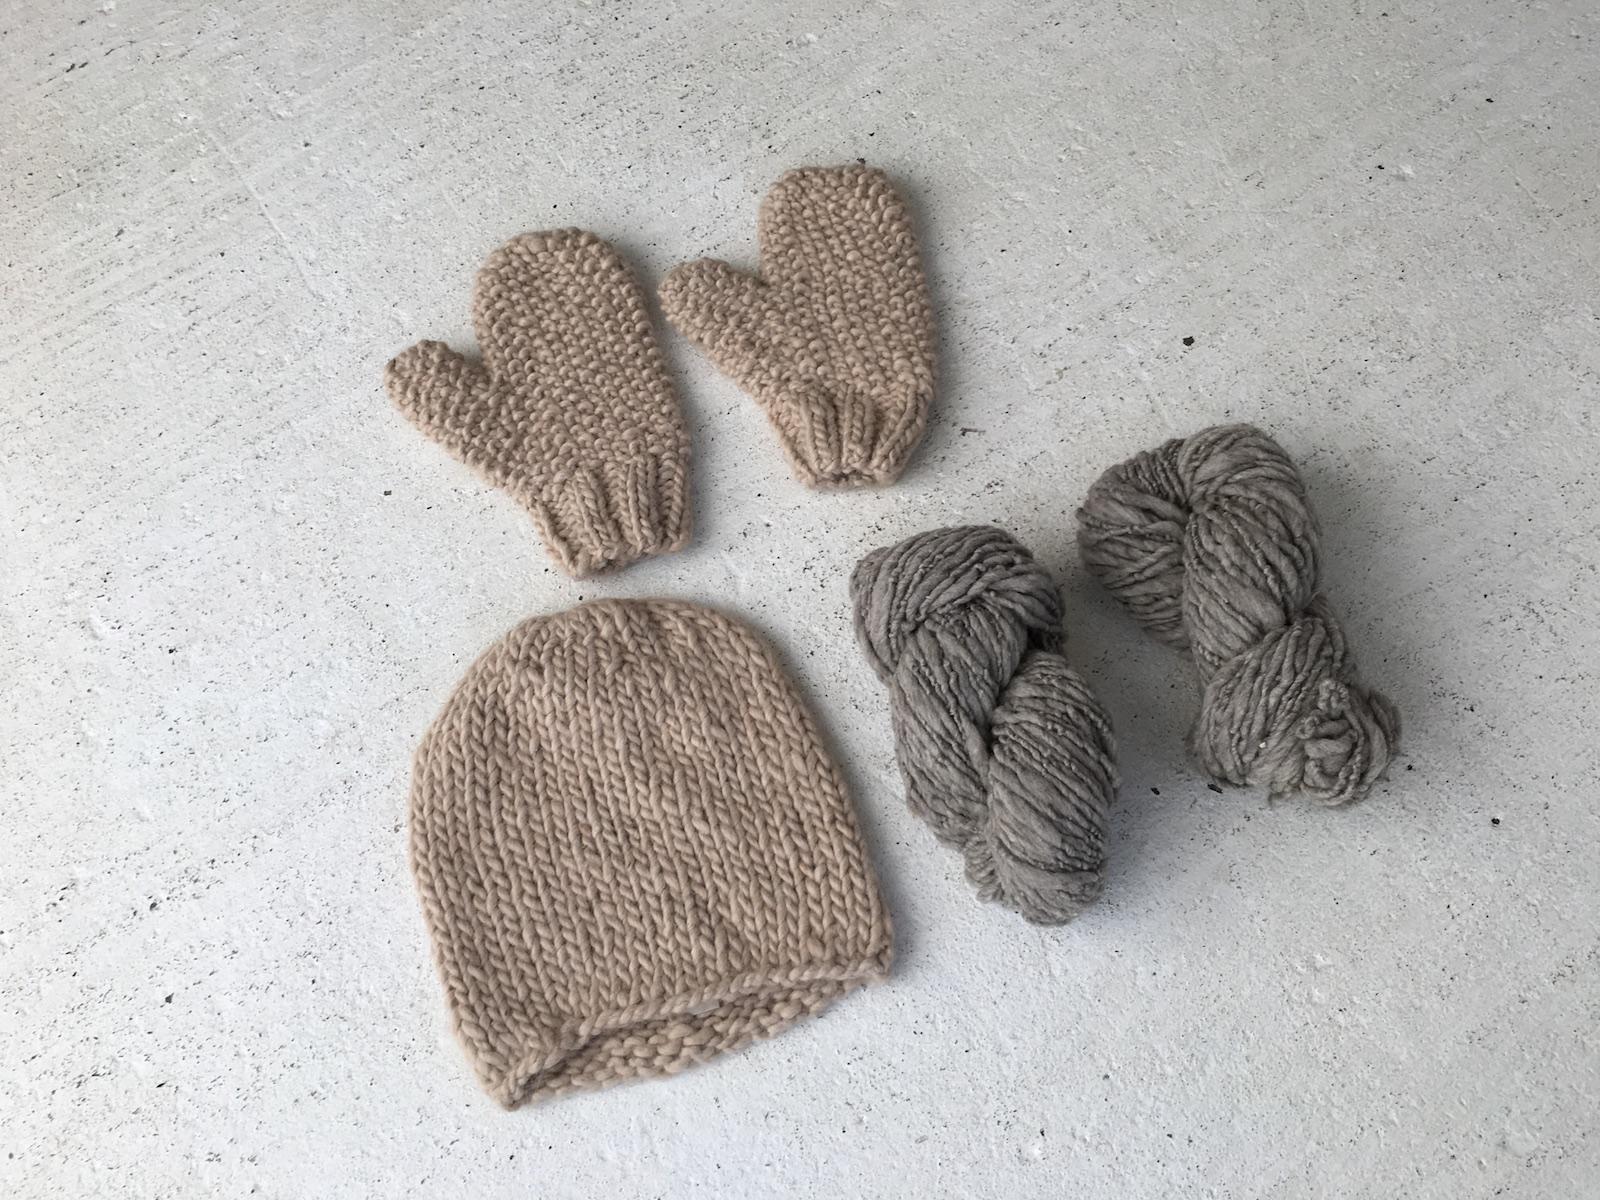 handspun hat,   handspun mittens ,  handspun yarn